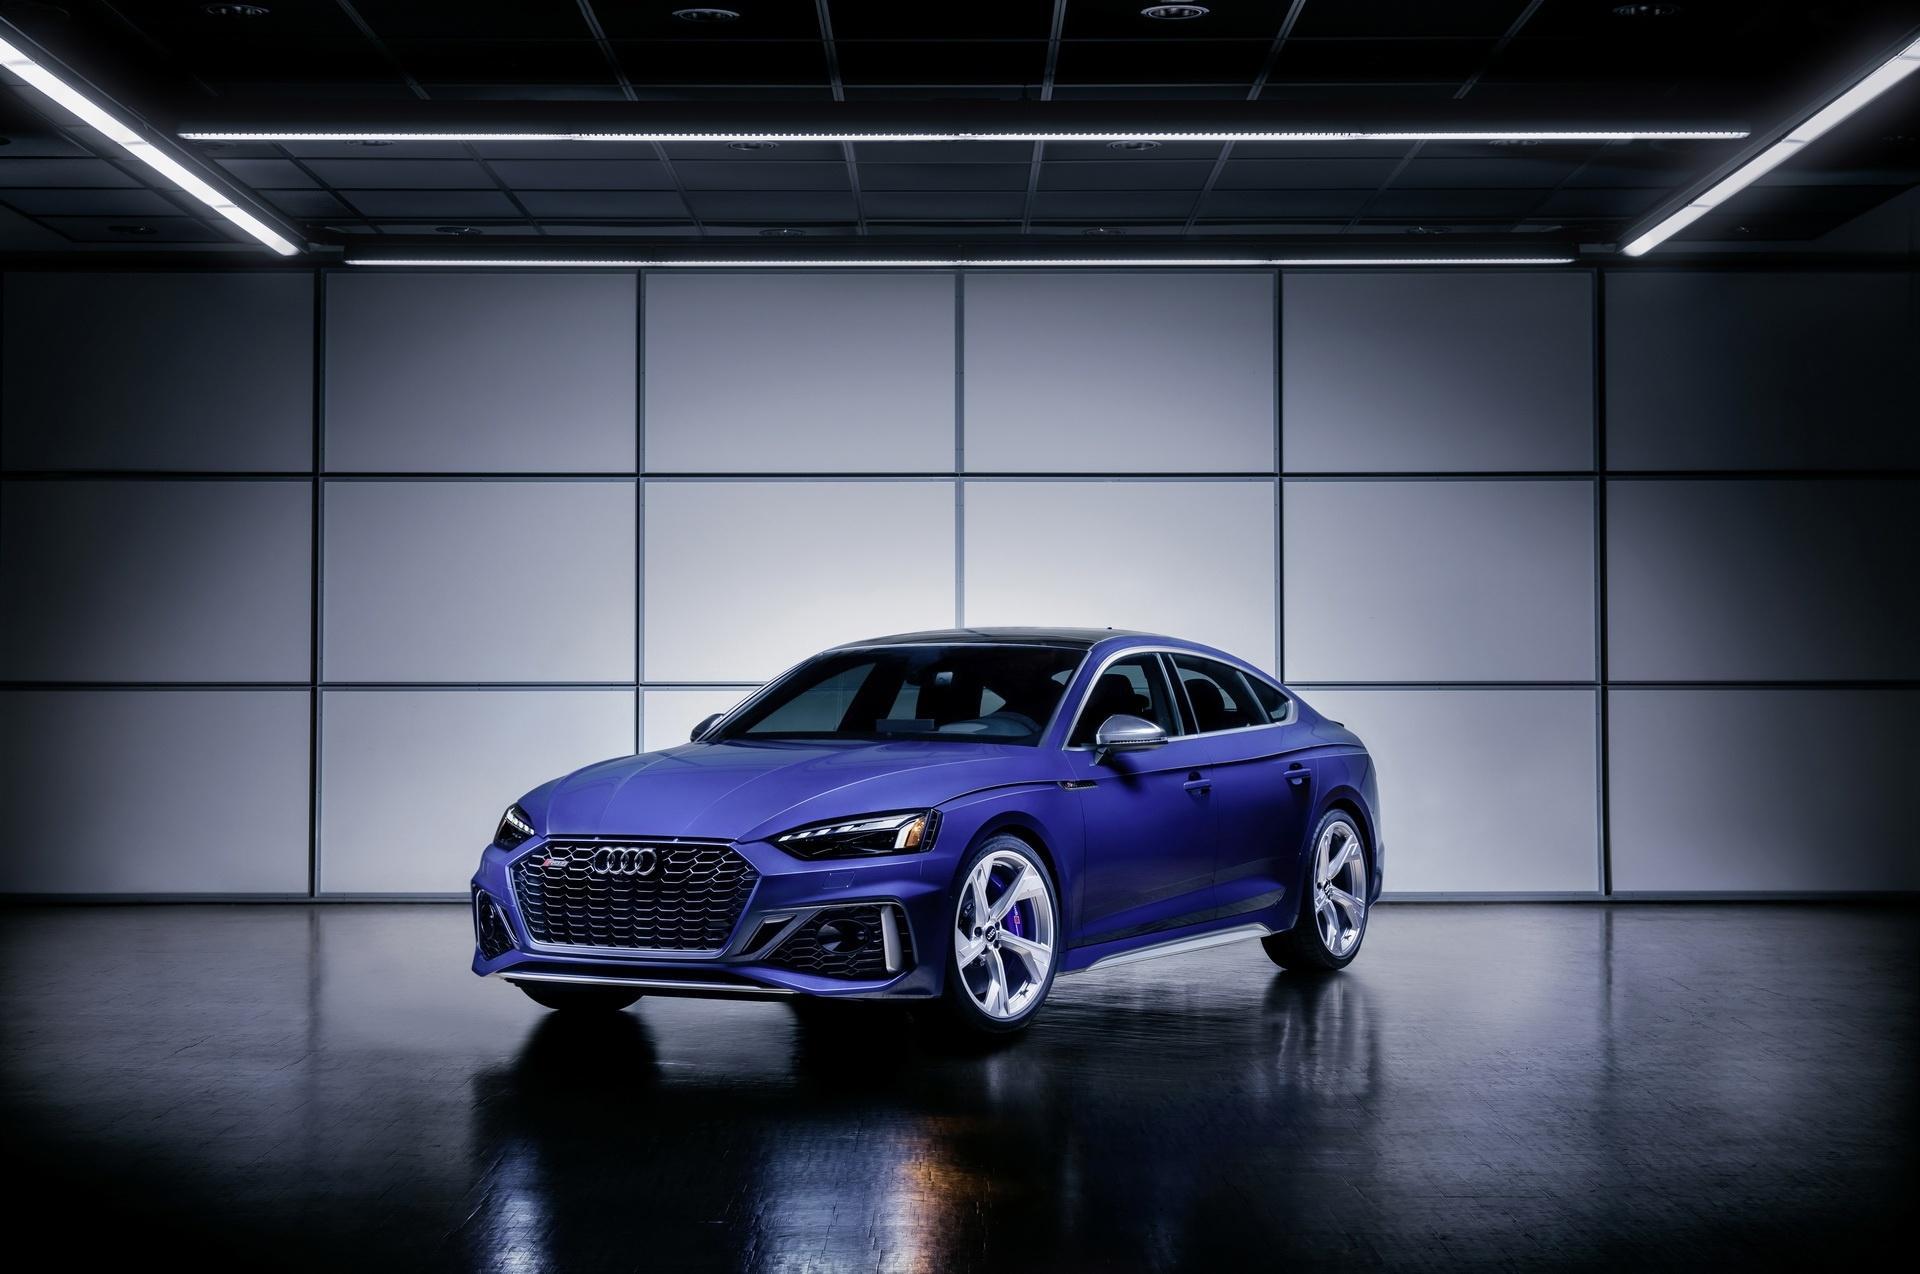 Audi Lanca Rs5 2021 Com Reestilizacao E Versoes Limitadas 30 09 2020 Uol Carros